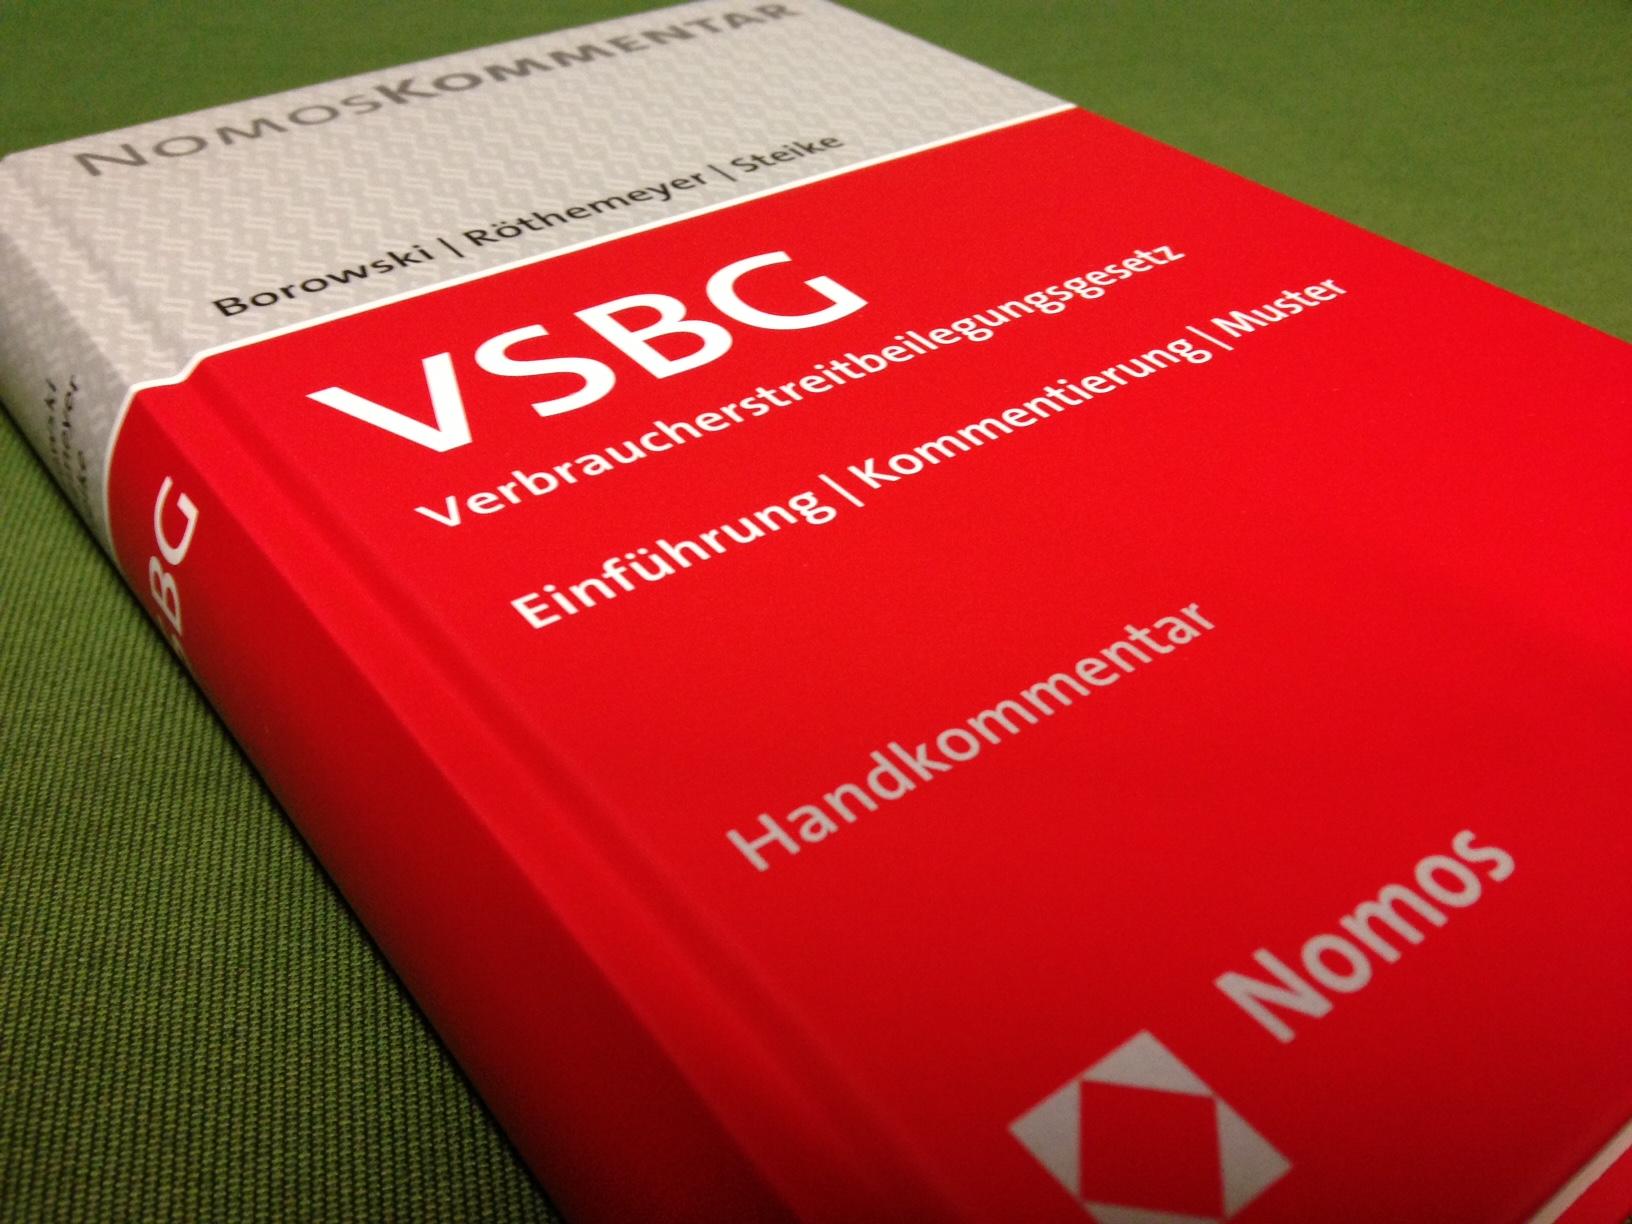 VSBG-Kommentar